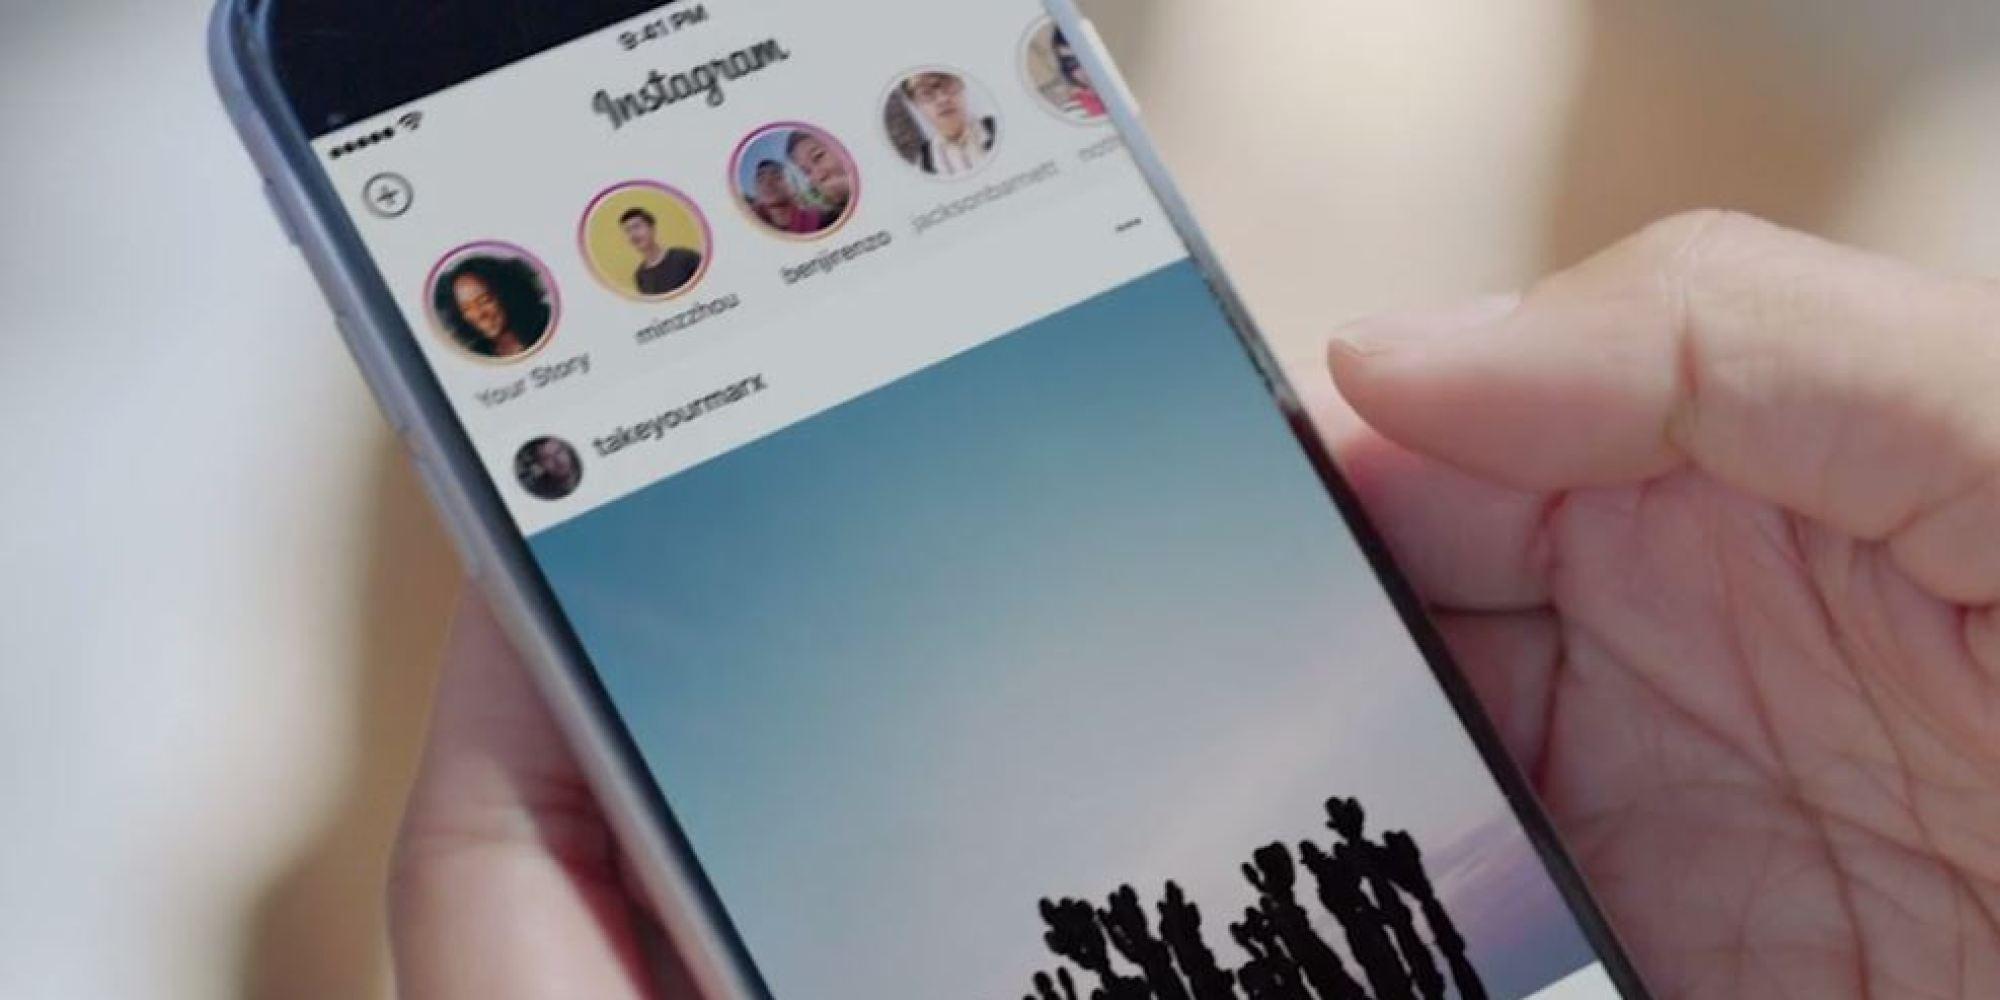 Antes de crear Instagram, su cofundador Kevin Systrom quiso crear un servicio de geolocalización muy similar a Foursquare.